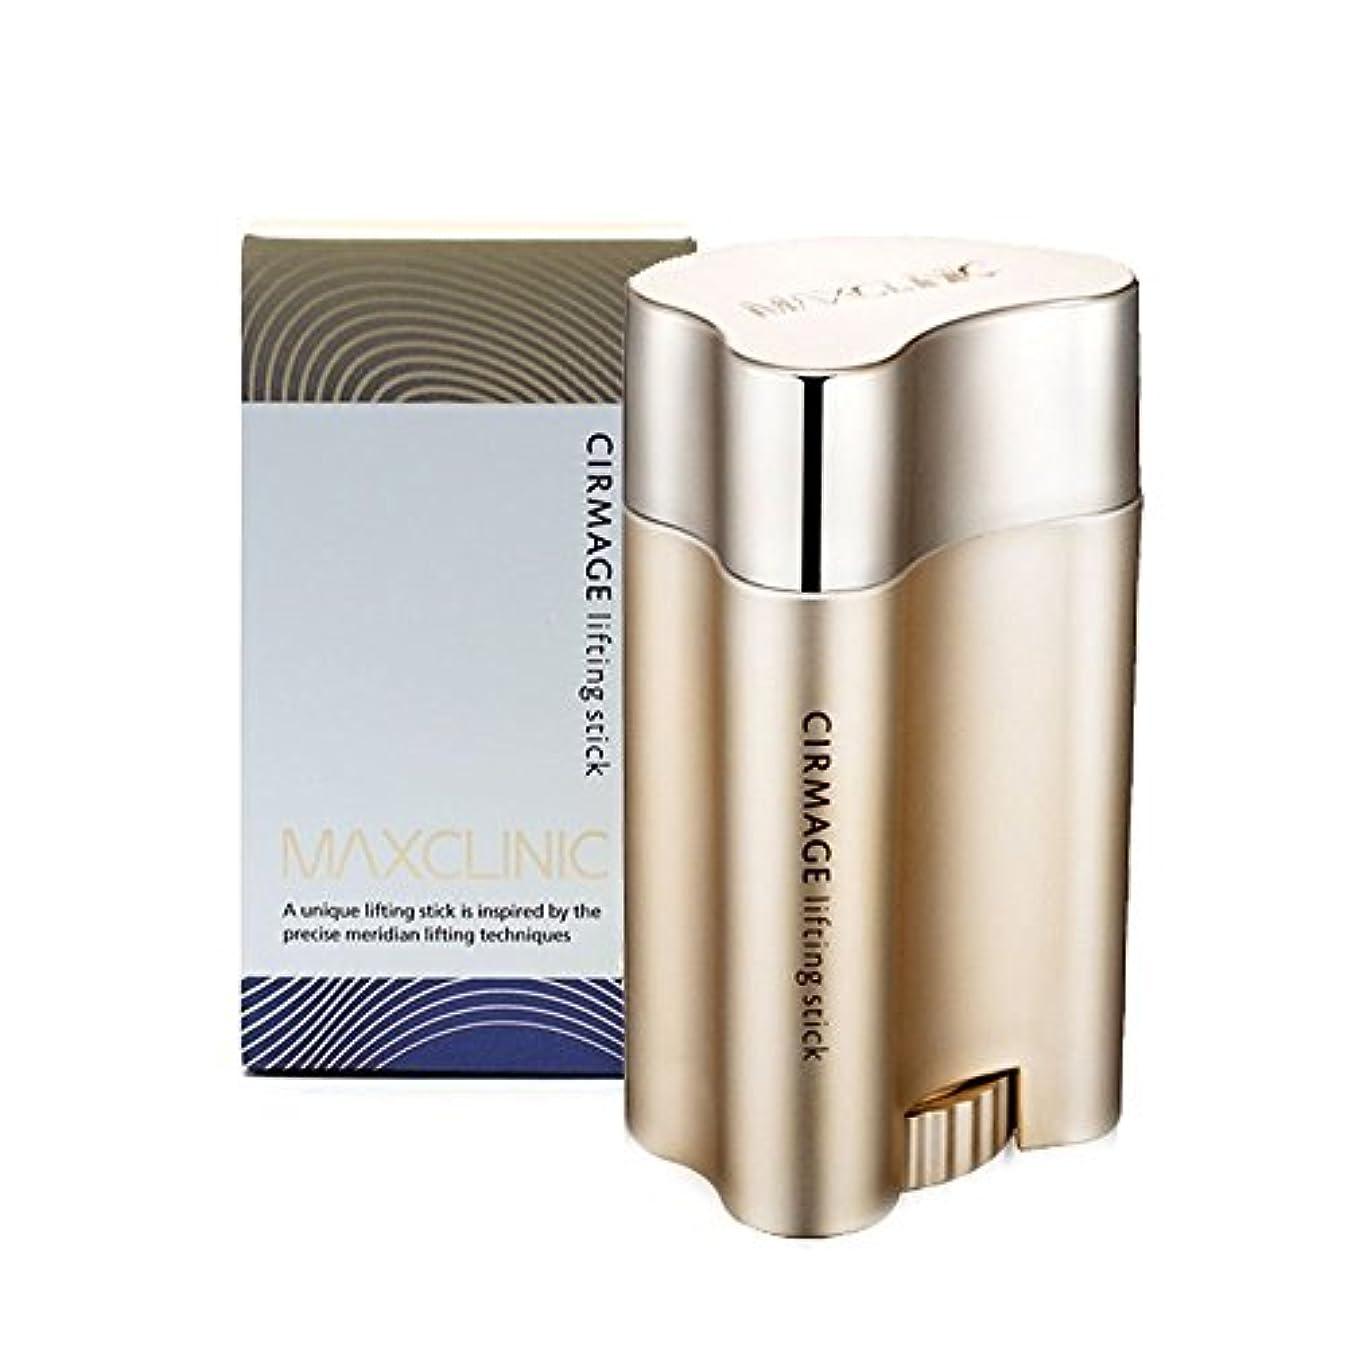 コンパニオンポインタ無視するMAXCLINIC マックスクリニック サーメージ リフティング スティック 23g(Cirmage Lifting Stick 23g)/Direct from Korea/w free Gift Sample [並行輸入品]